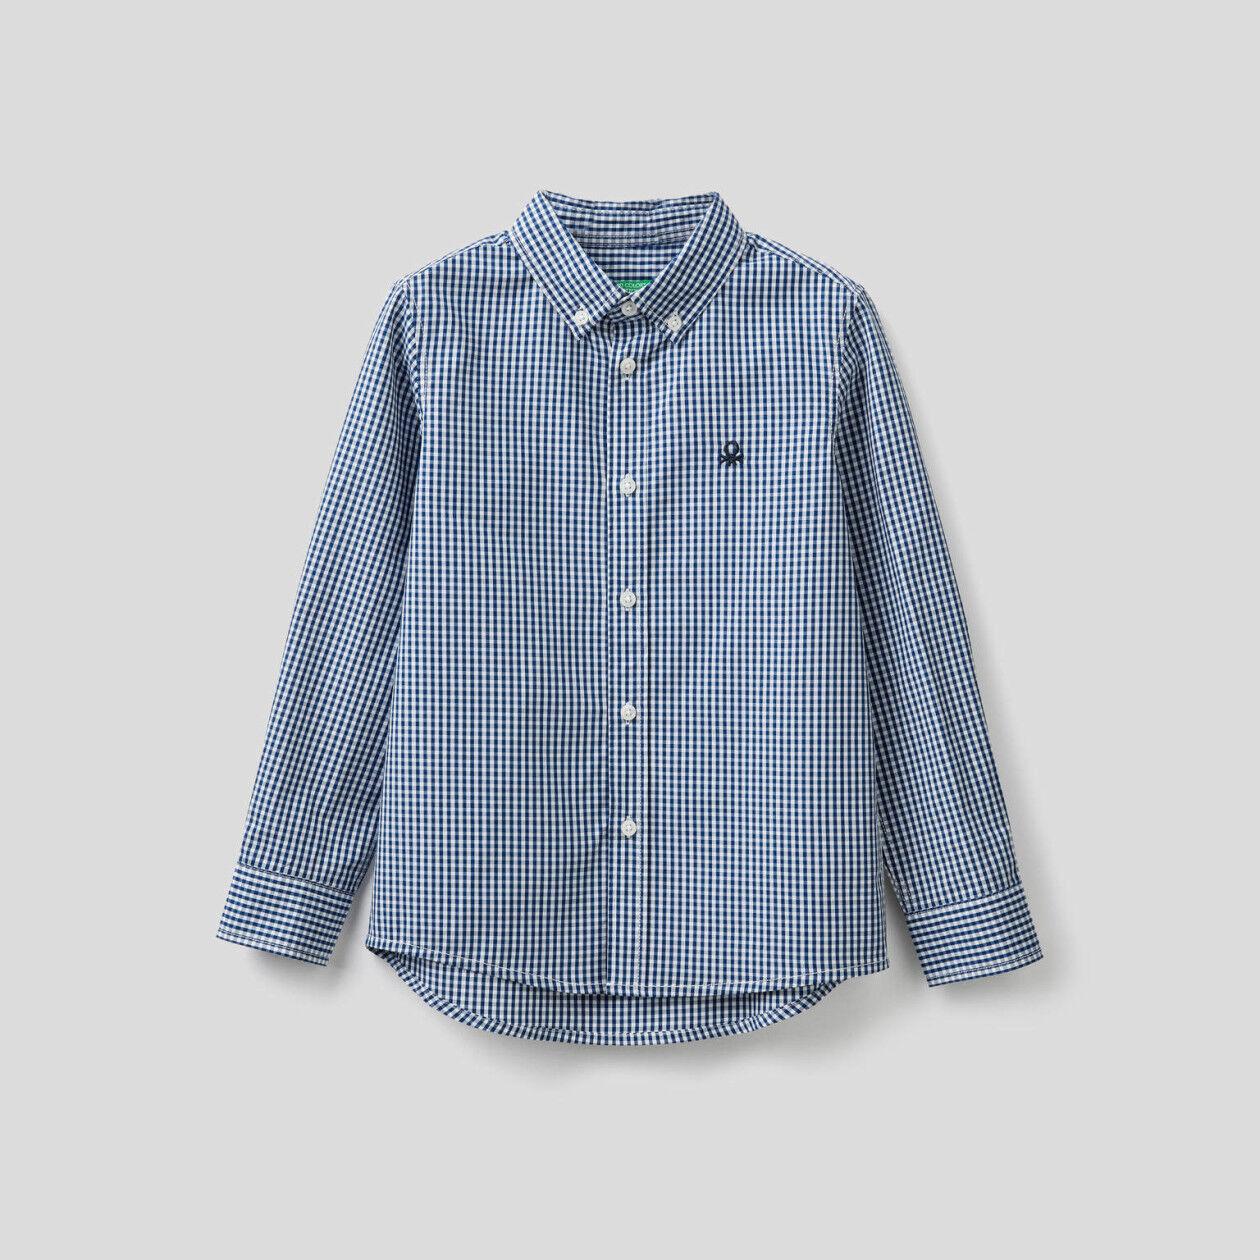 Camisa desportiva vichy em algodão puro